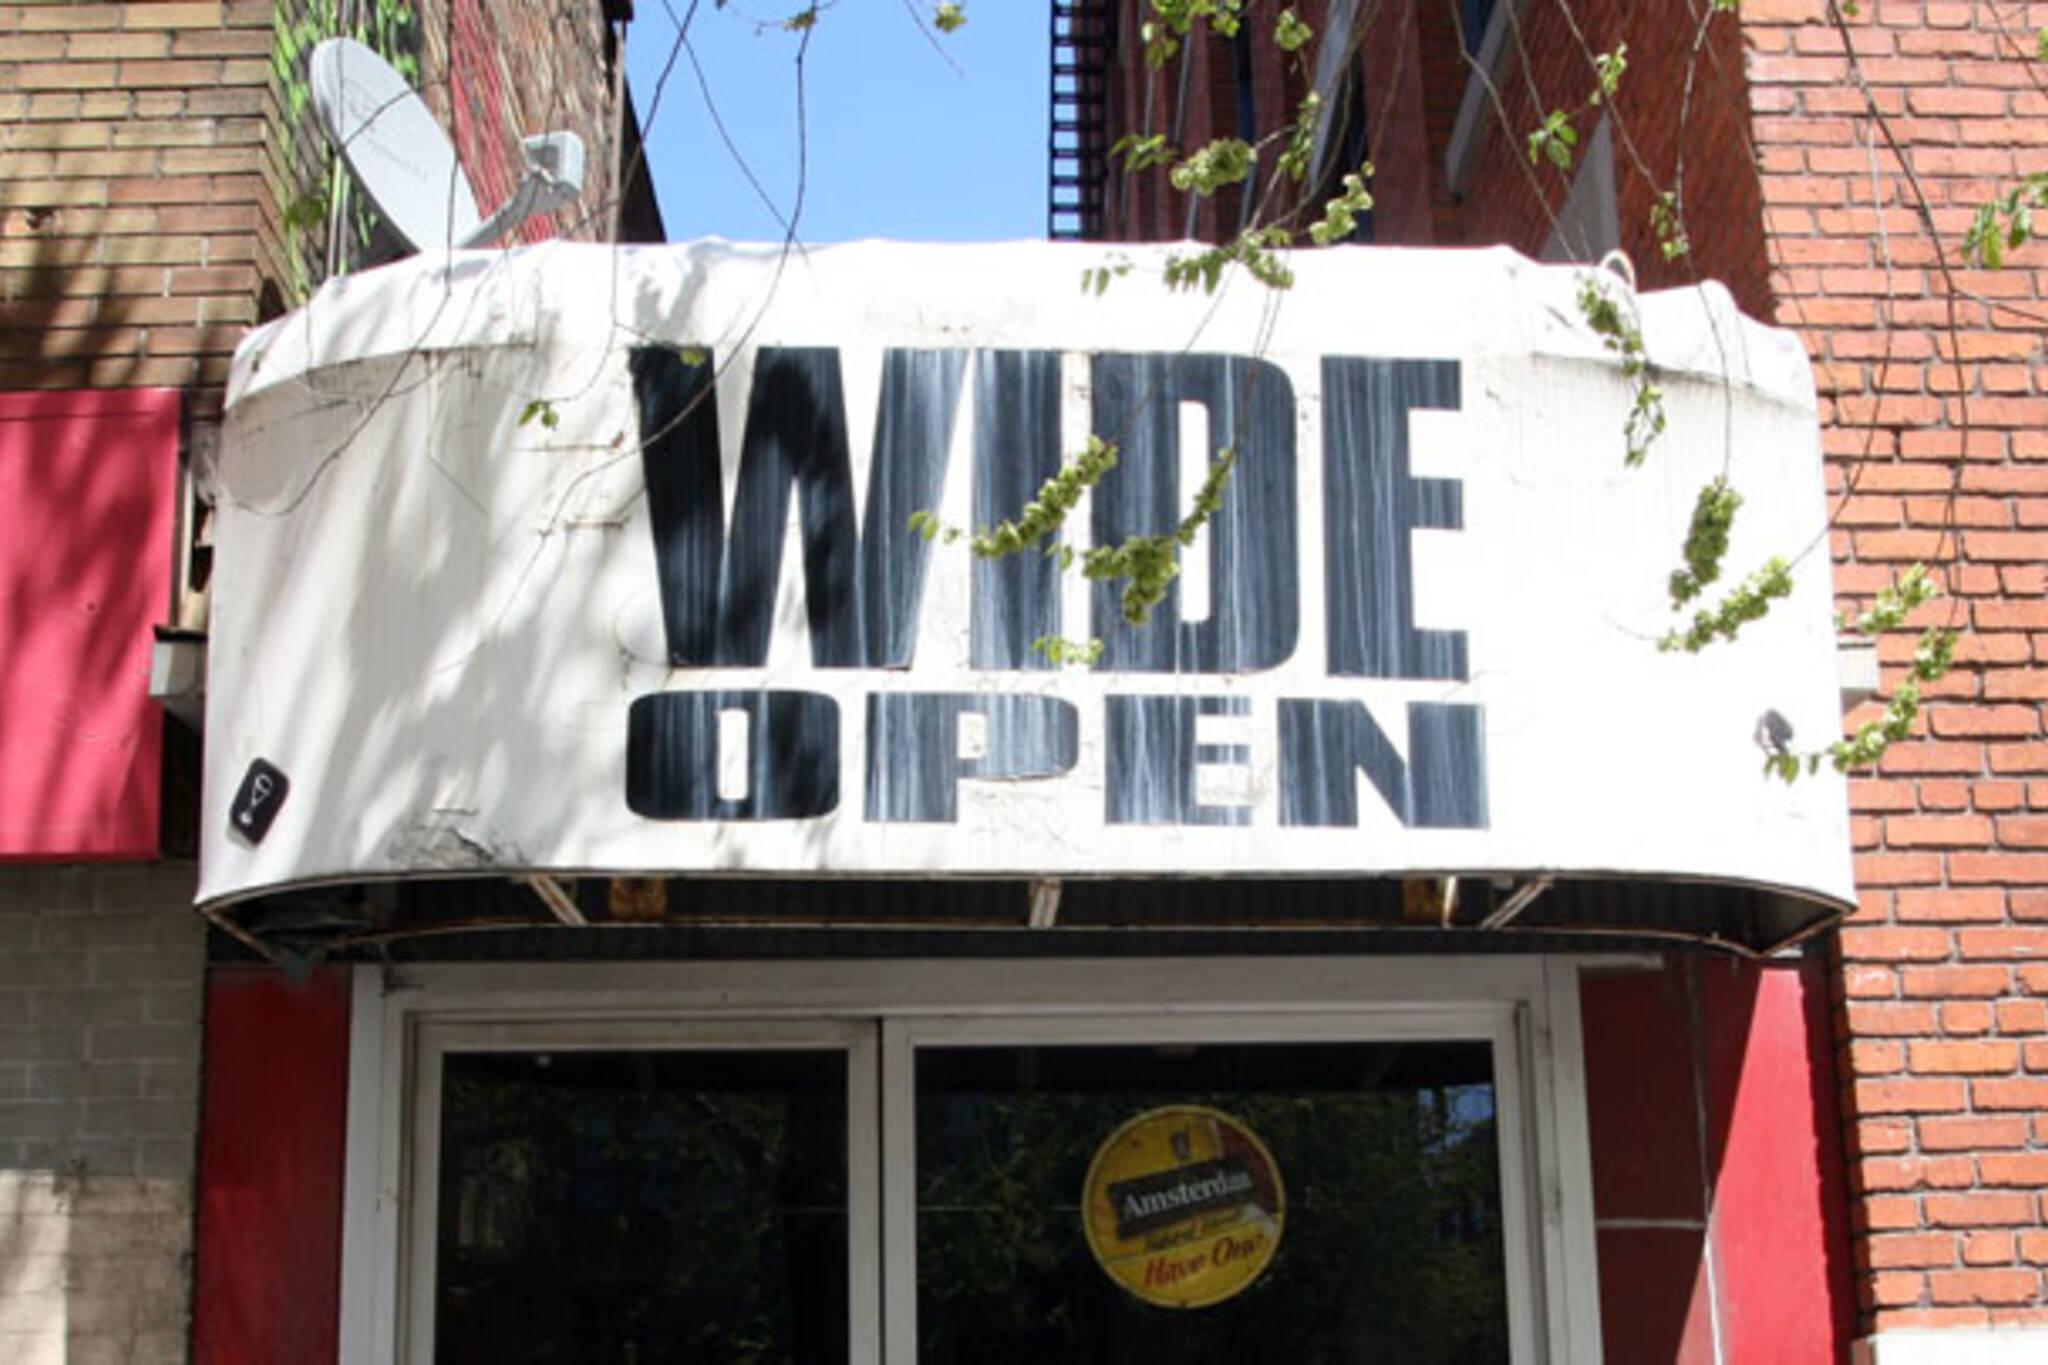 wide open toronto